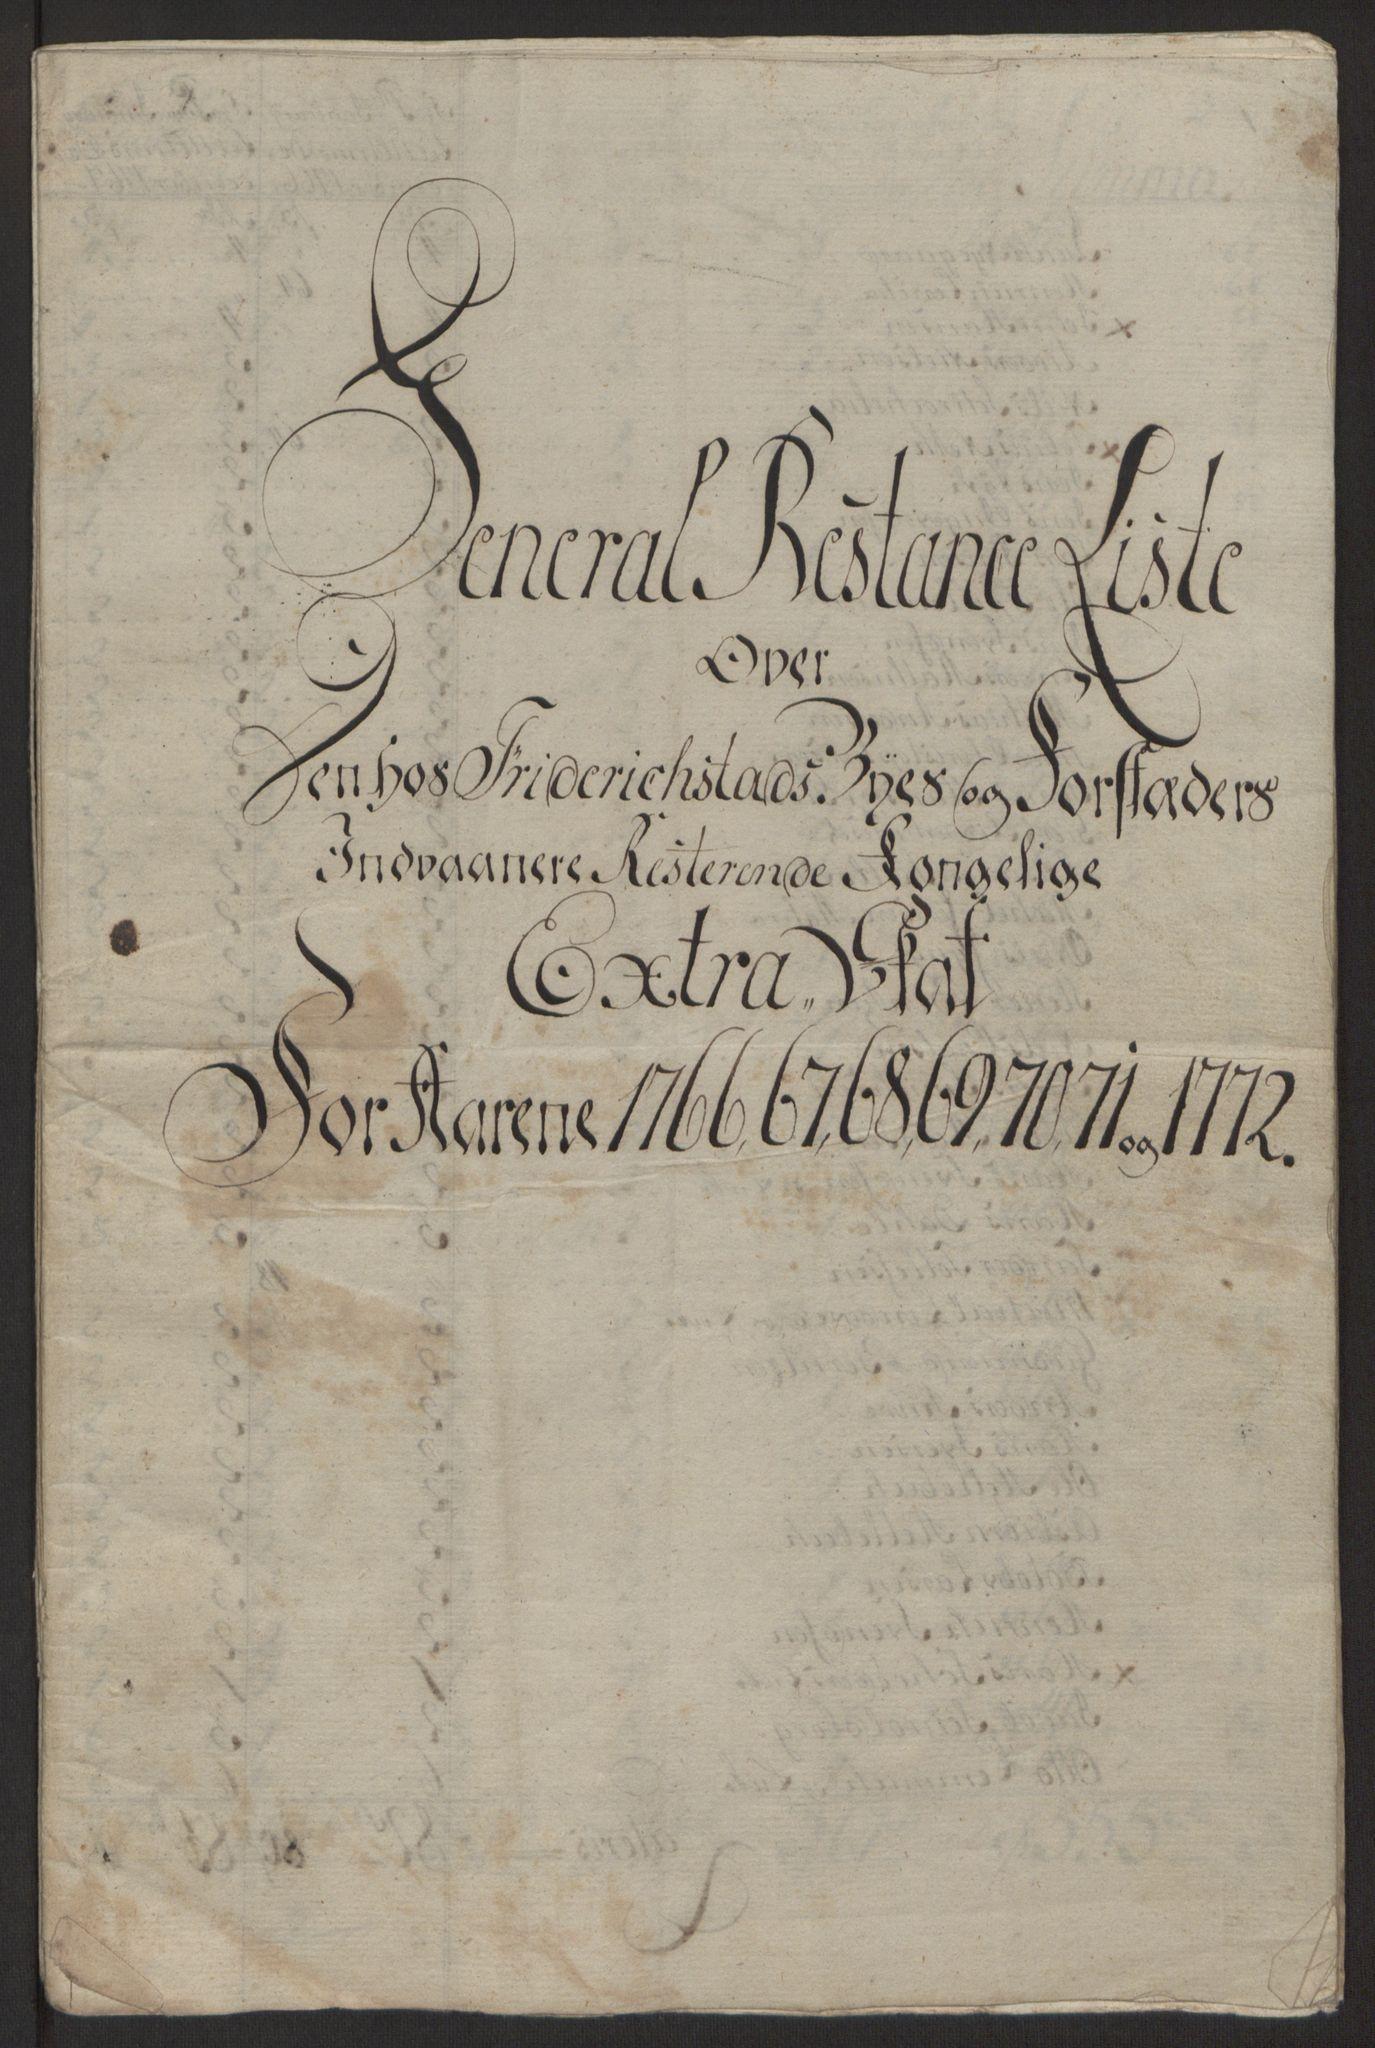 RA, Rentekammeret inntil 1814, Reviderte regnskaper, Byregnskaper, R/Rb/L0029: [B3] Kontribusjonsregnskap, 1762-1772, s. 429